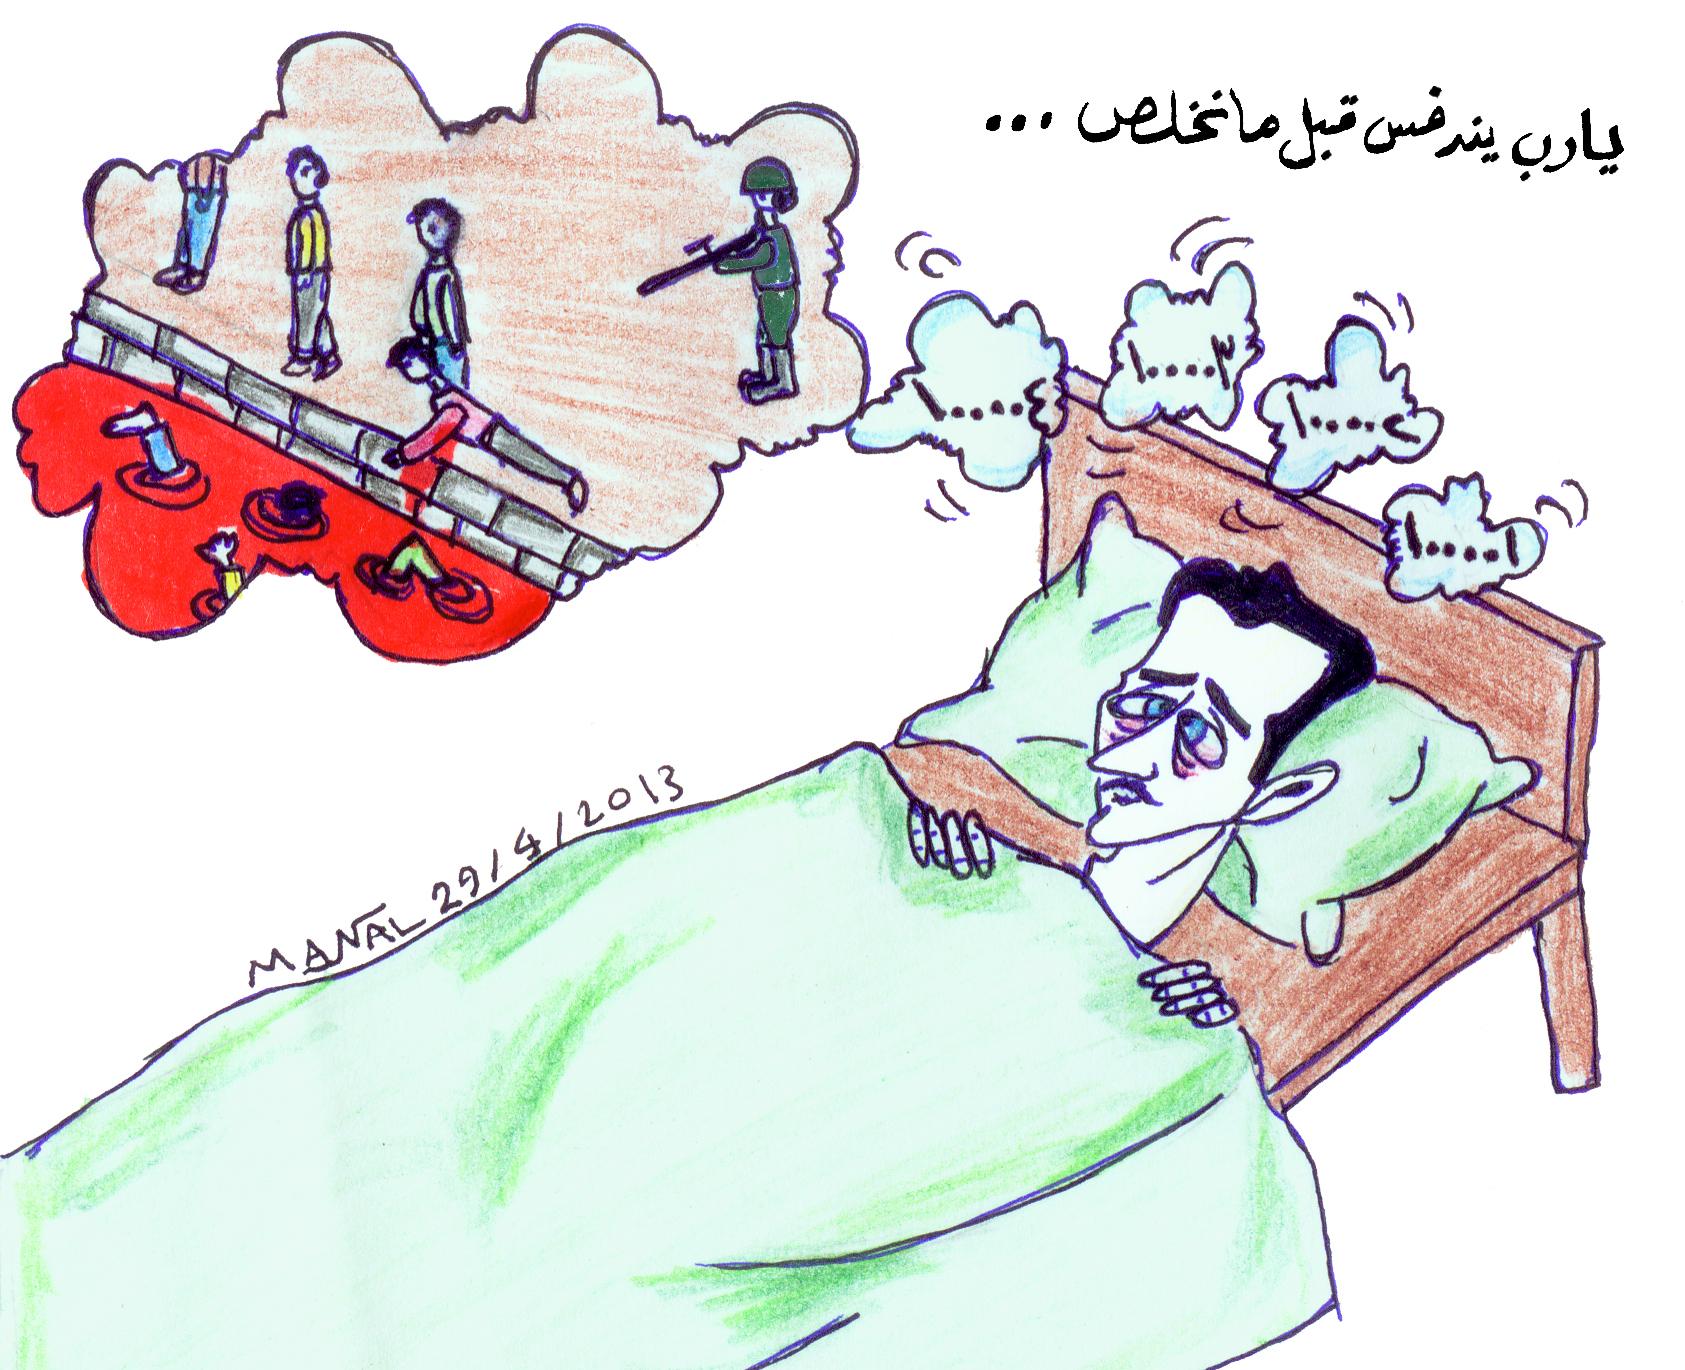 كاريكاتور العدد